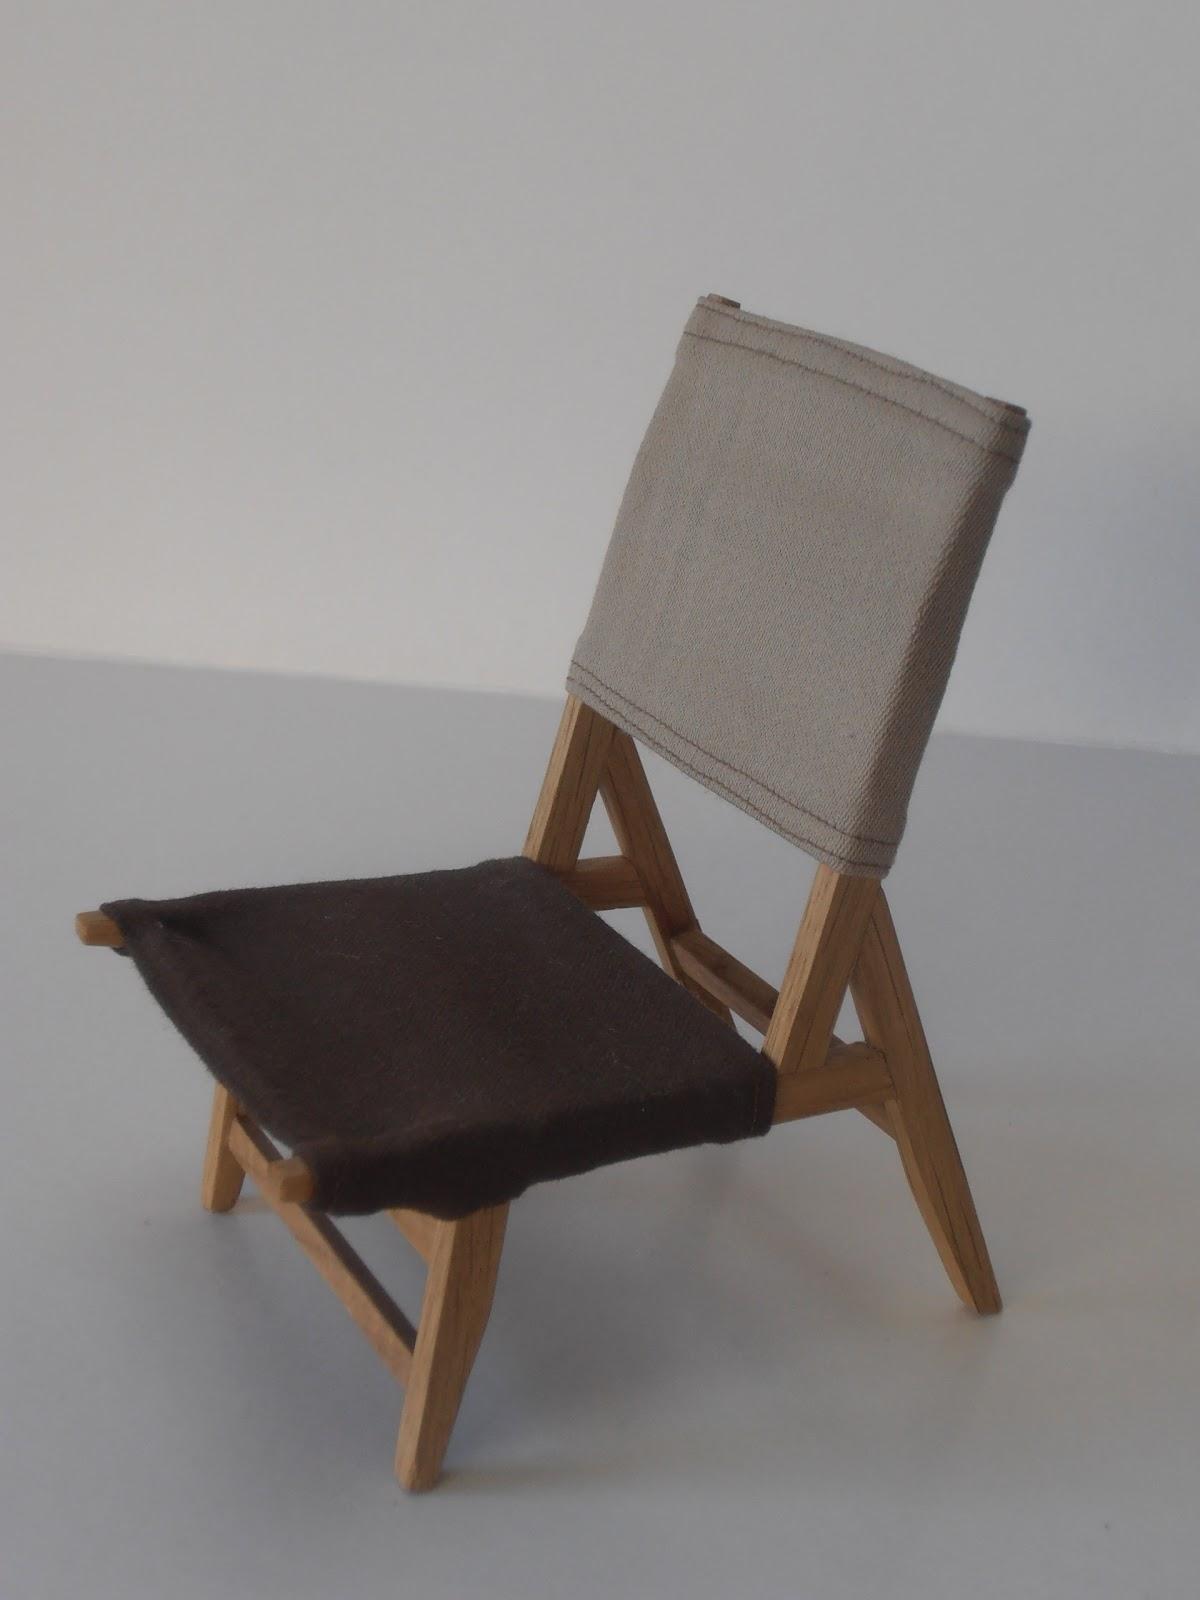 N 39 hi ha per a llogar cadires federico correa ruiz alfonso mil sagnier - Cadira barcelona ...